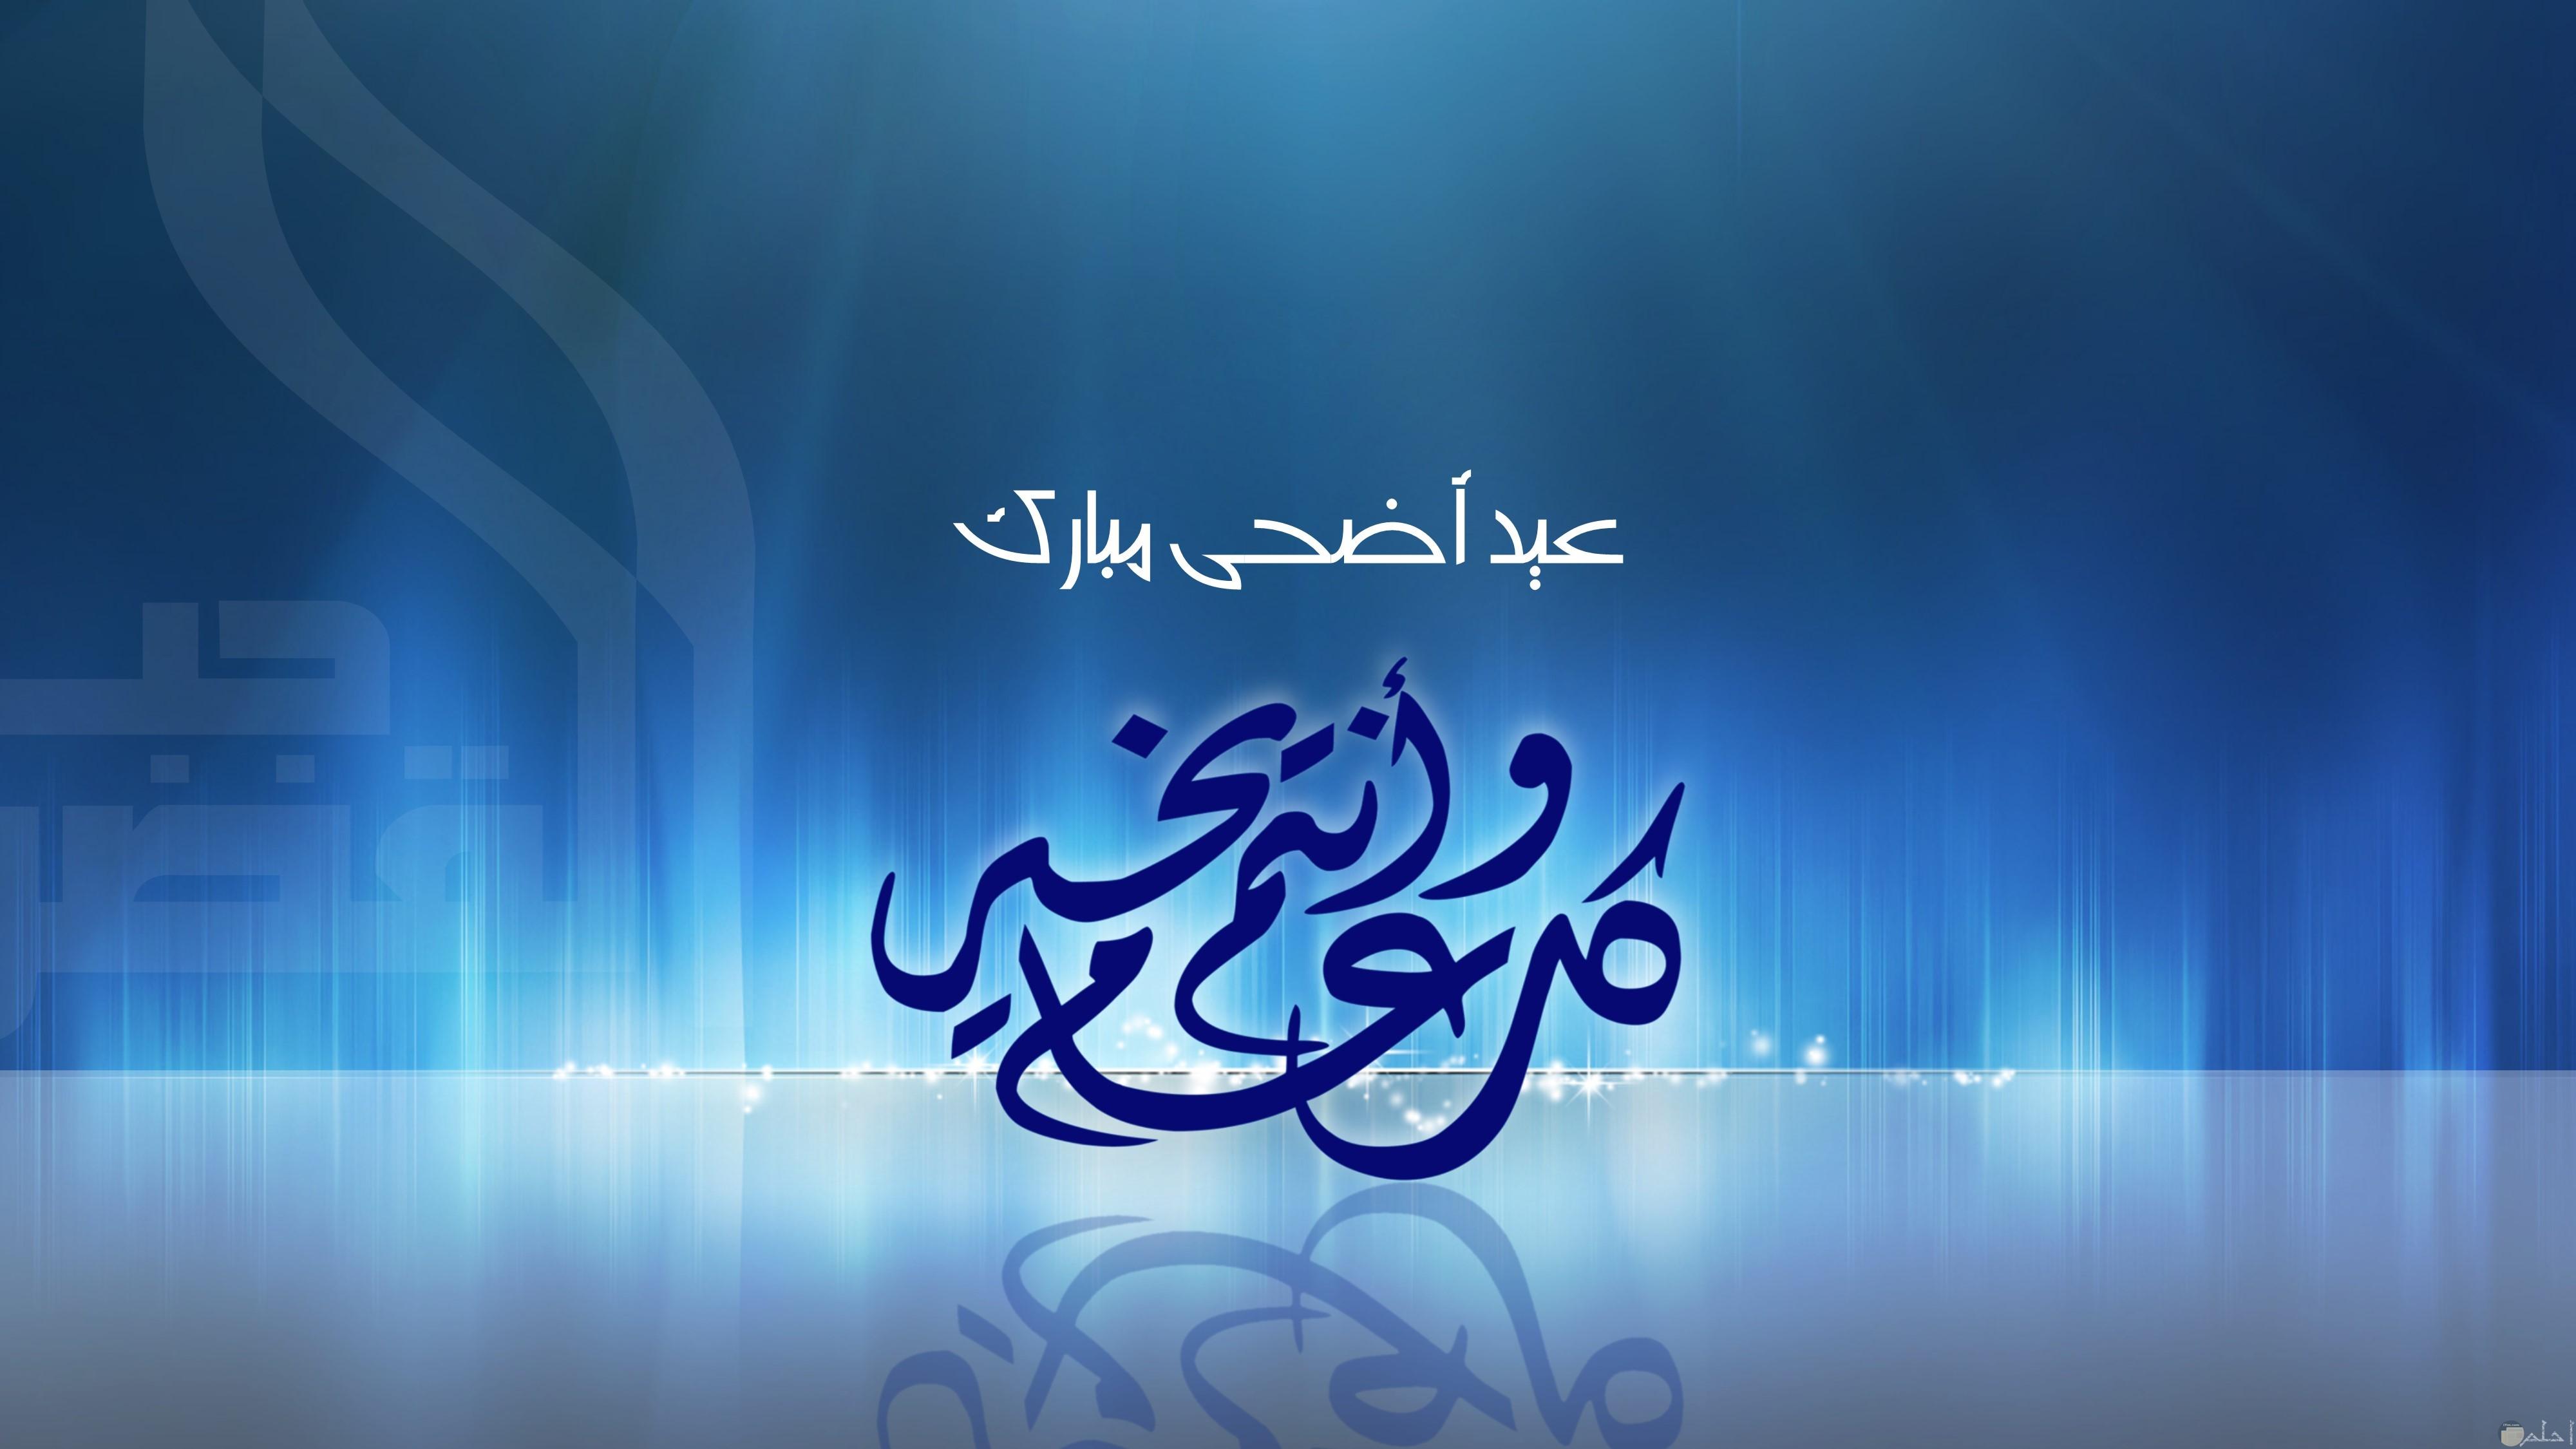 عيد الضحي مبارك عليكم